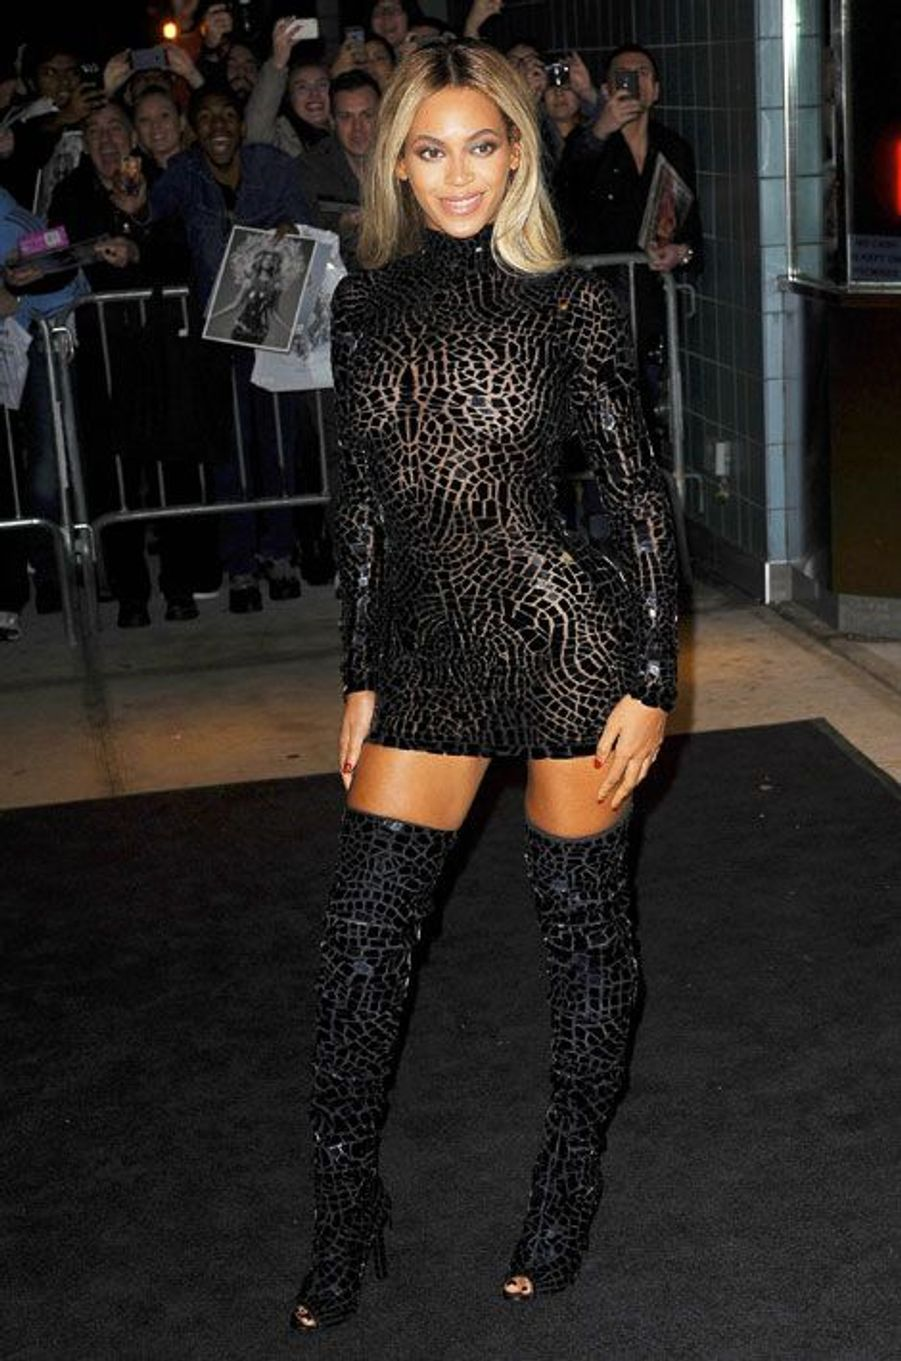 La chanteuse Beyoncé en Tom Ford pour le lancement de son album éponyme, le 21 décembre 2013 à New York